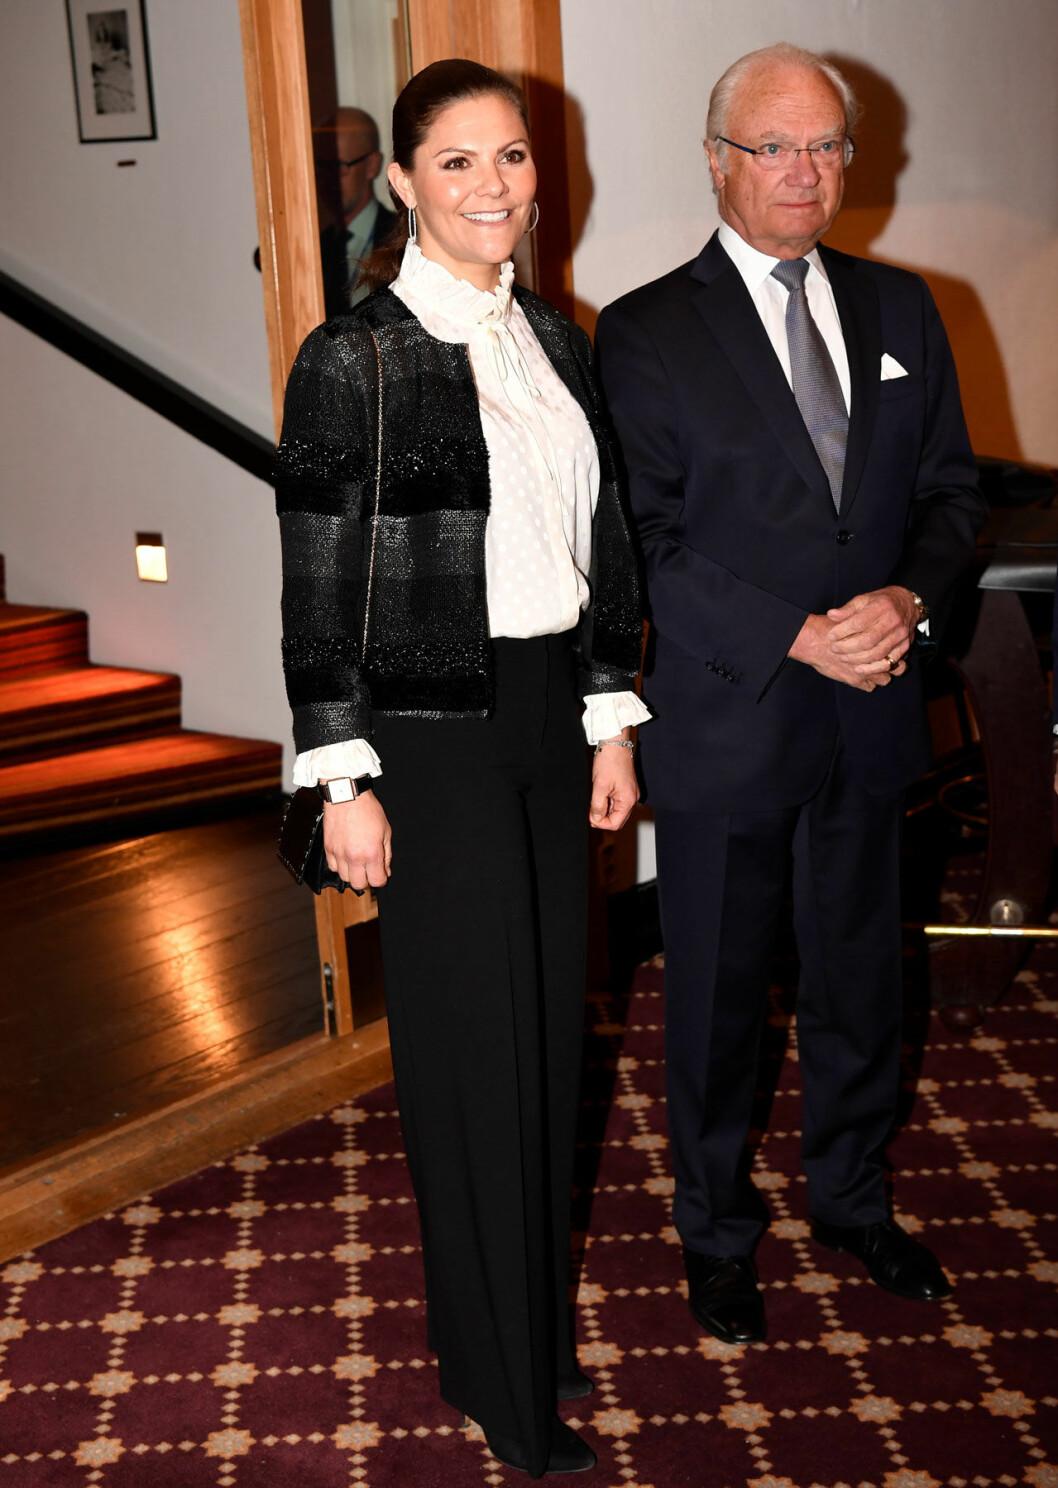 Victoria och kungen i Sälen.